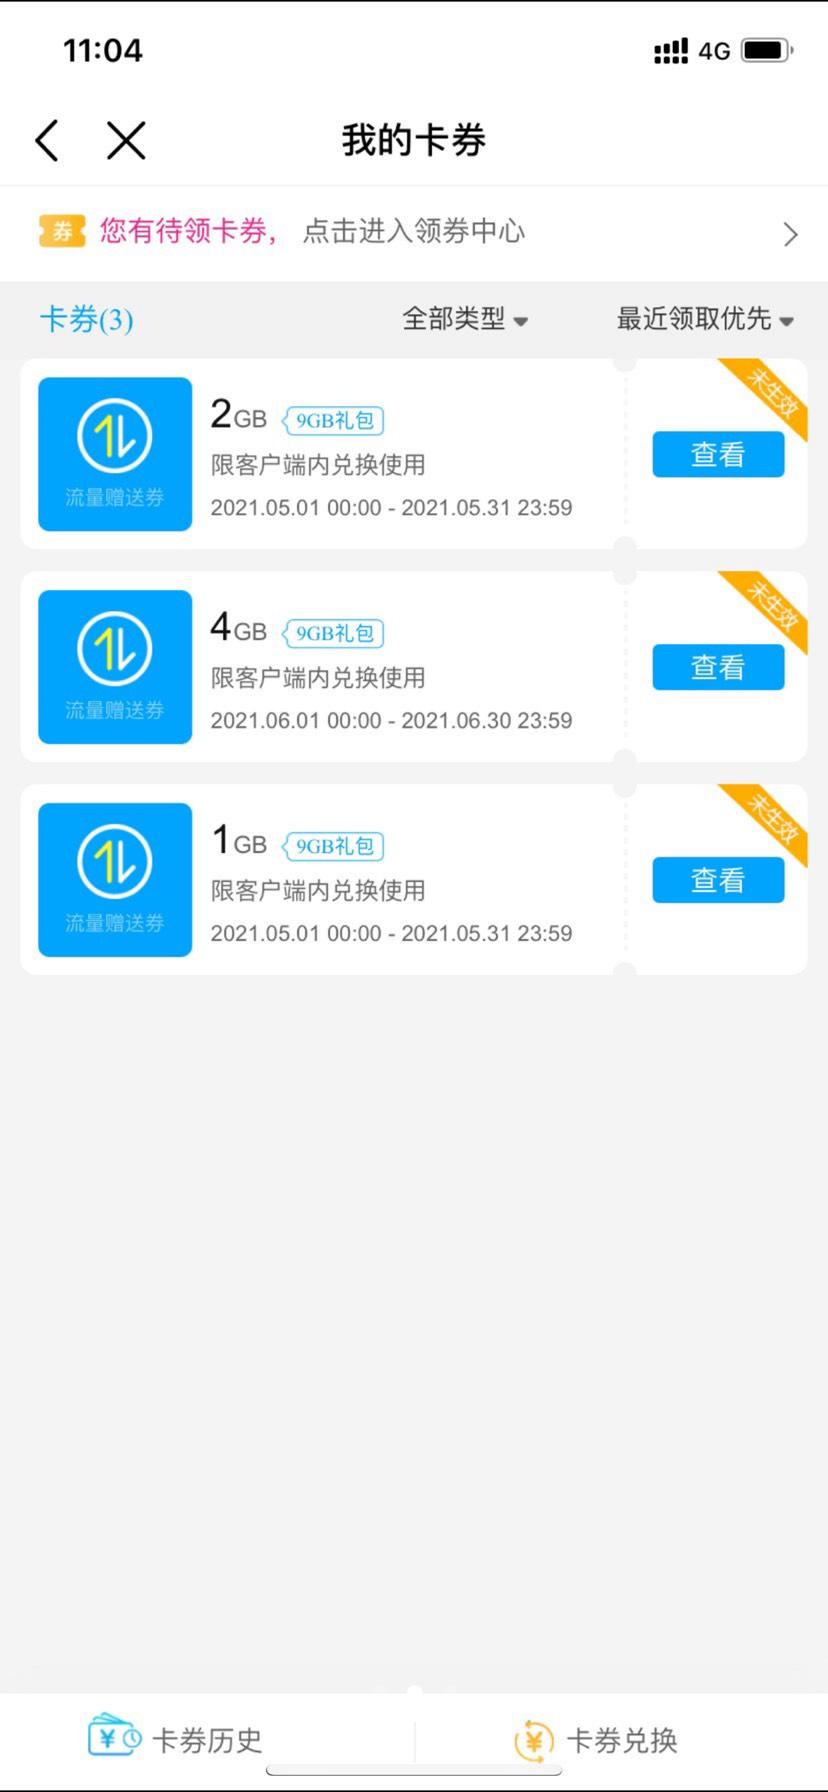 重庆移动用户领取9个g流量